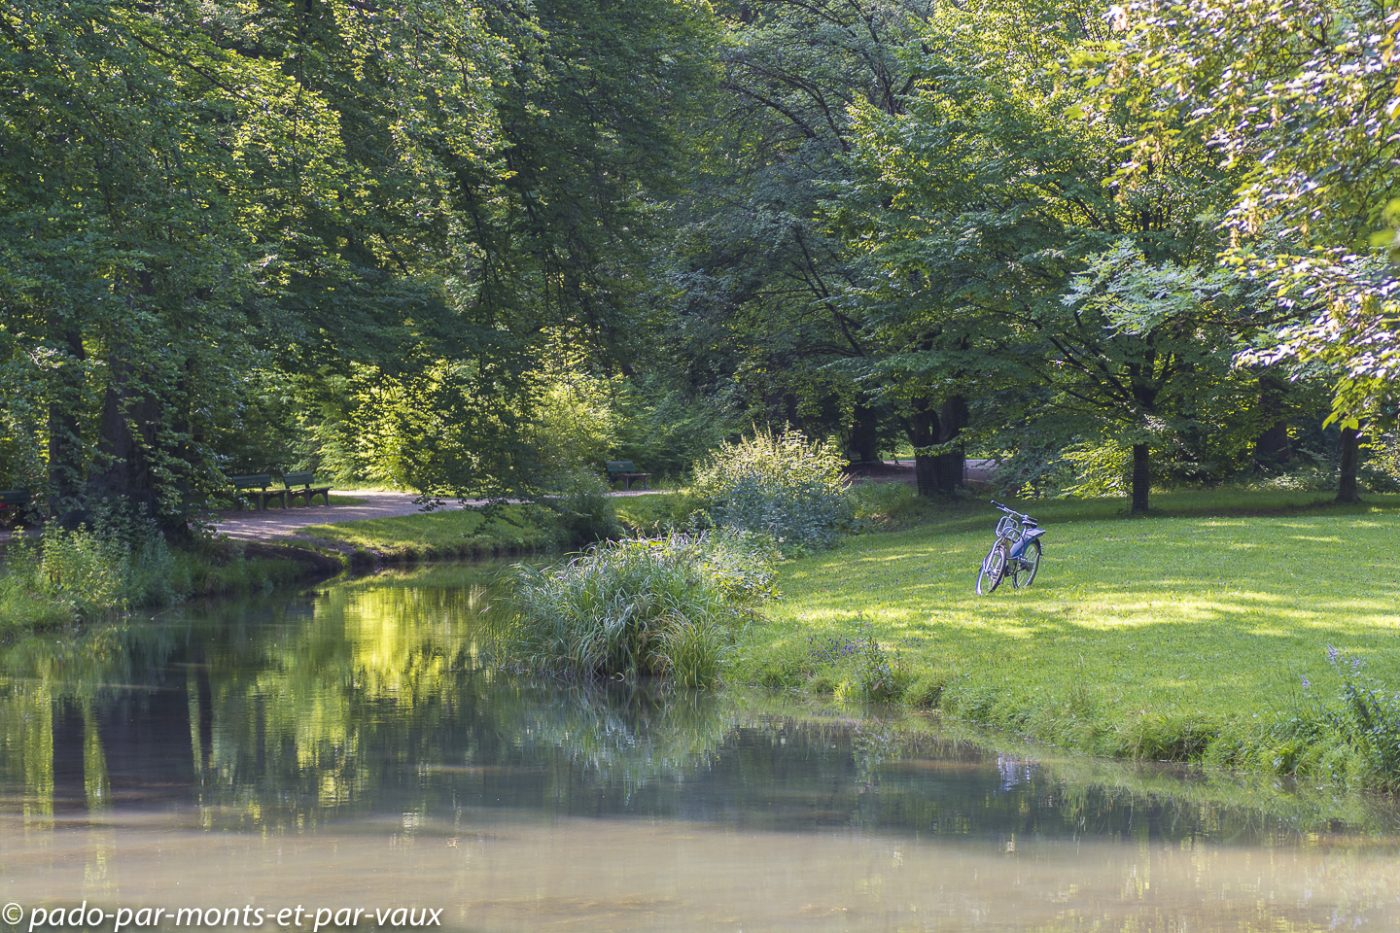 Munich - Jardin anglais